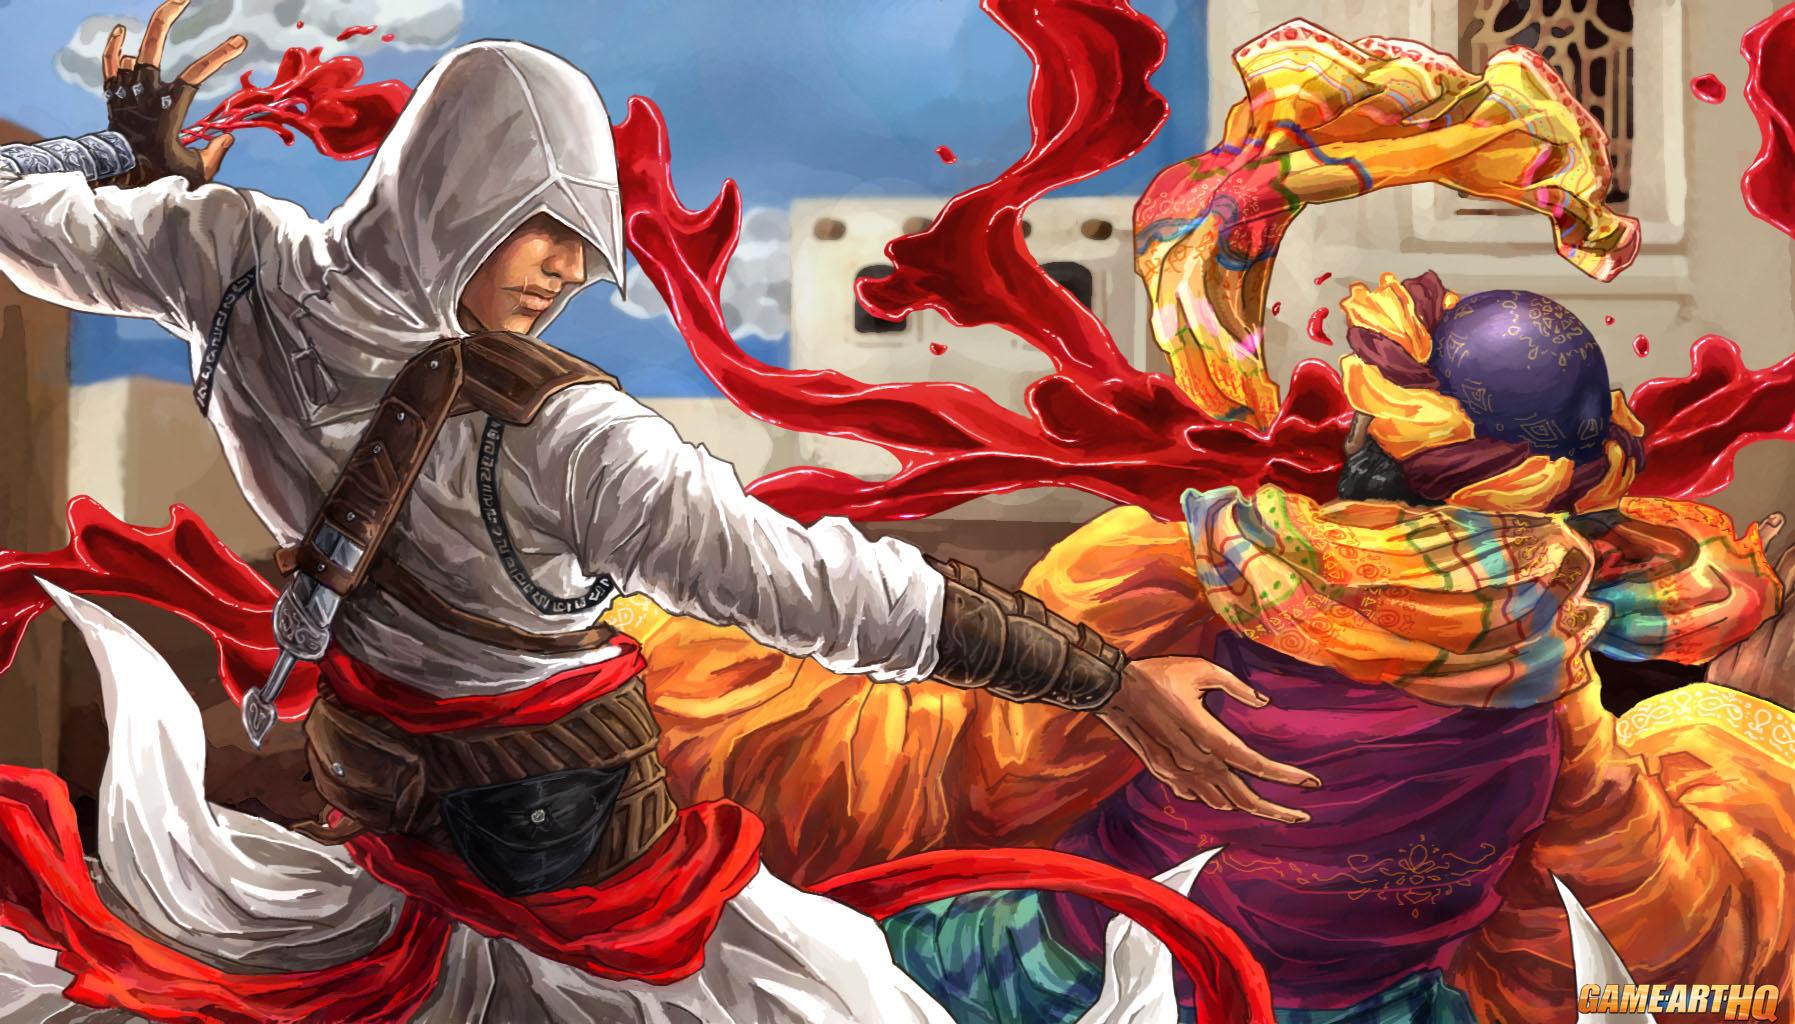 Trigger Girls Wallpaper Great Assassins S Creed Series Fan Art